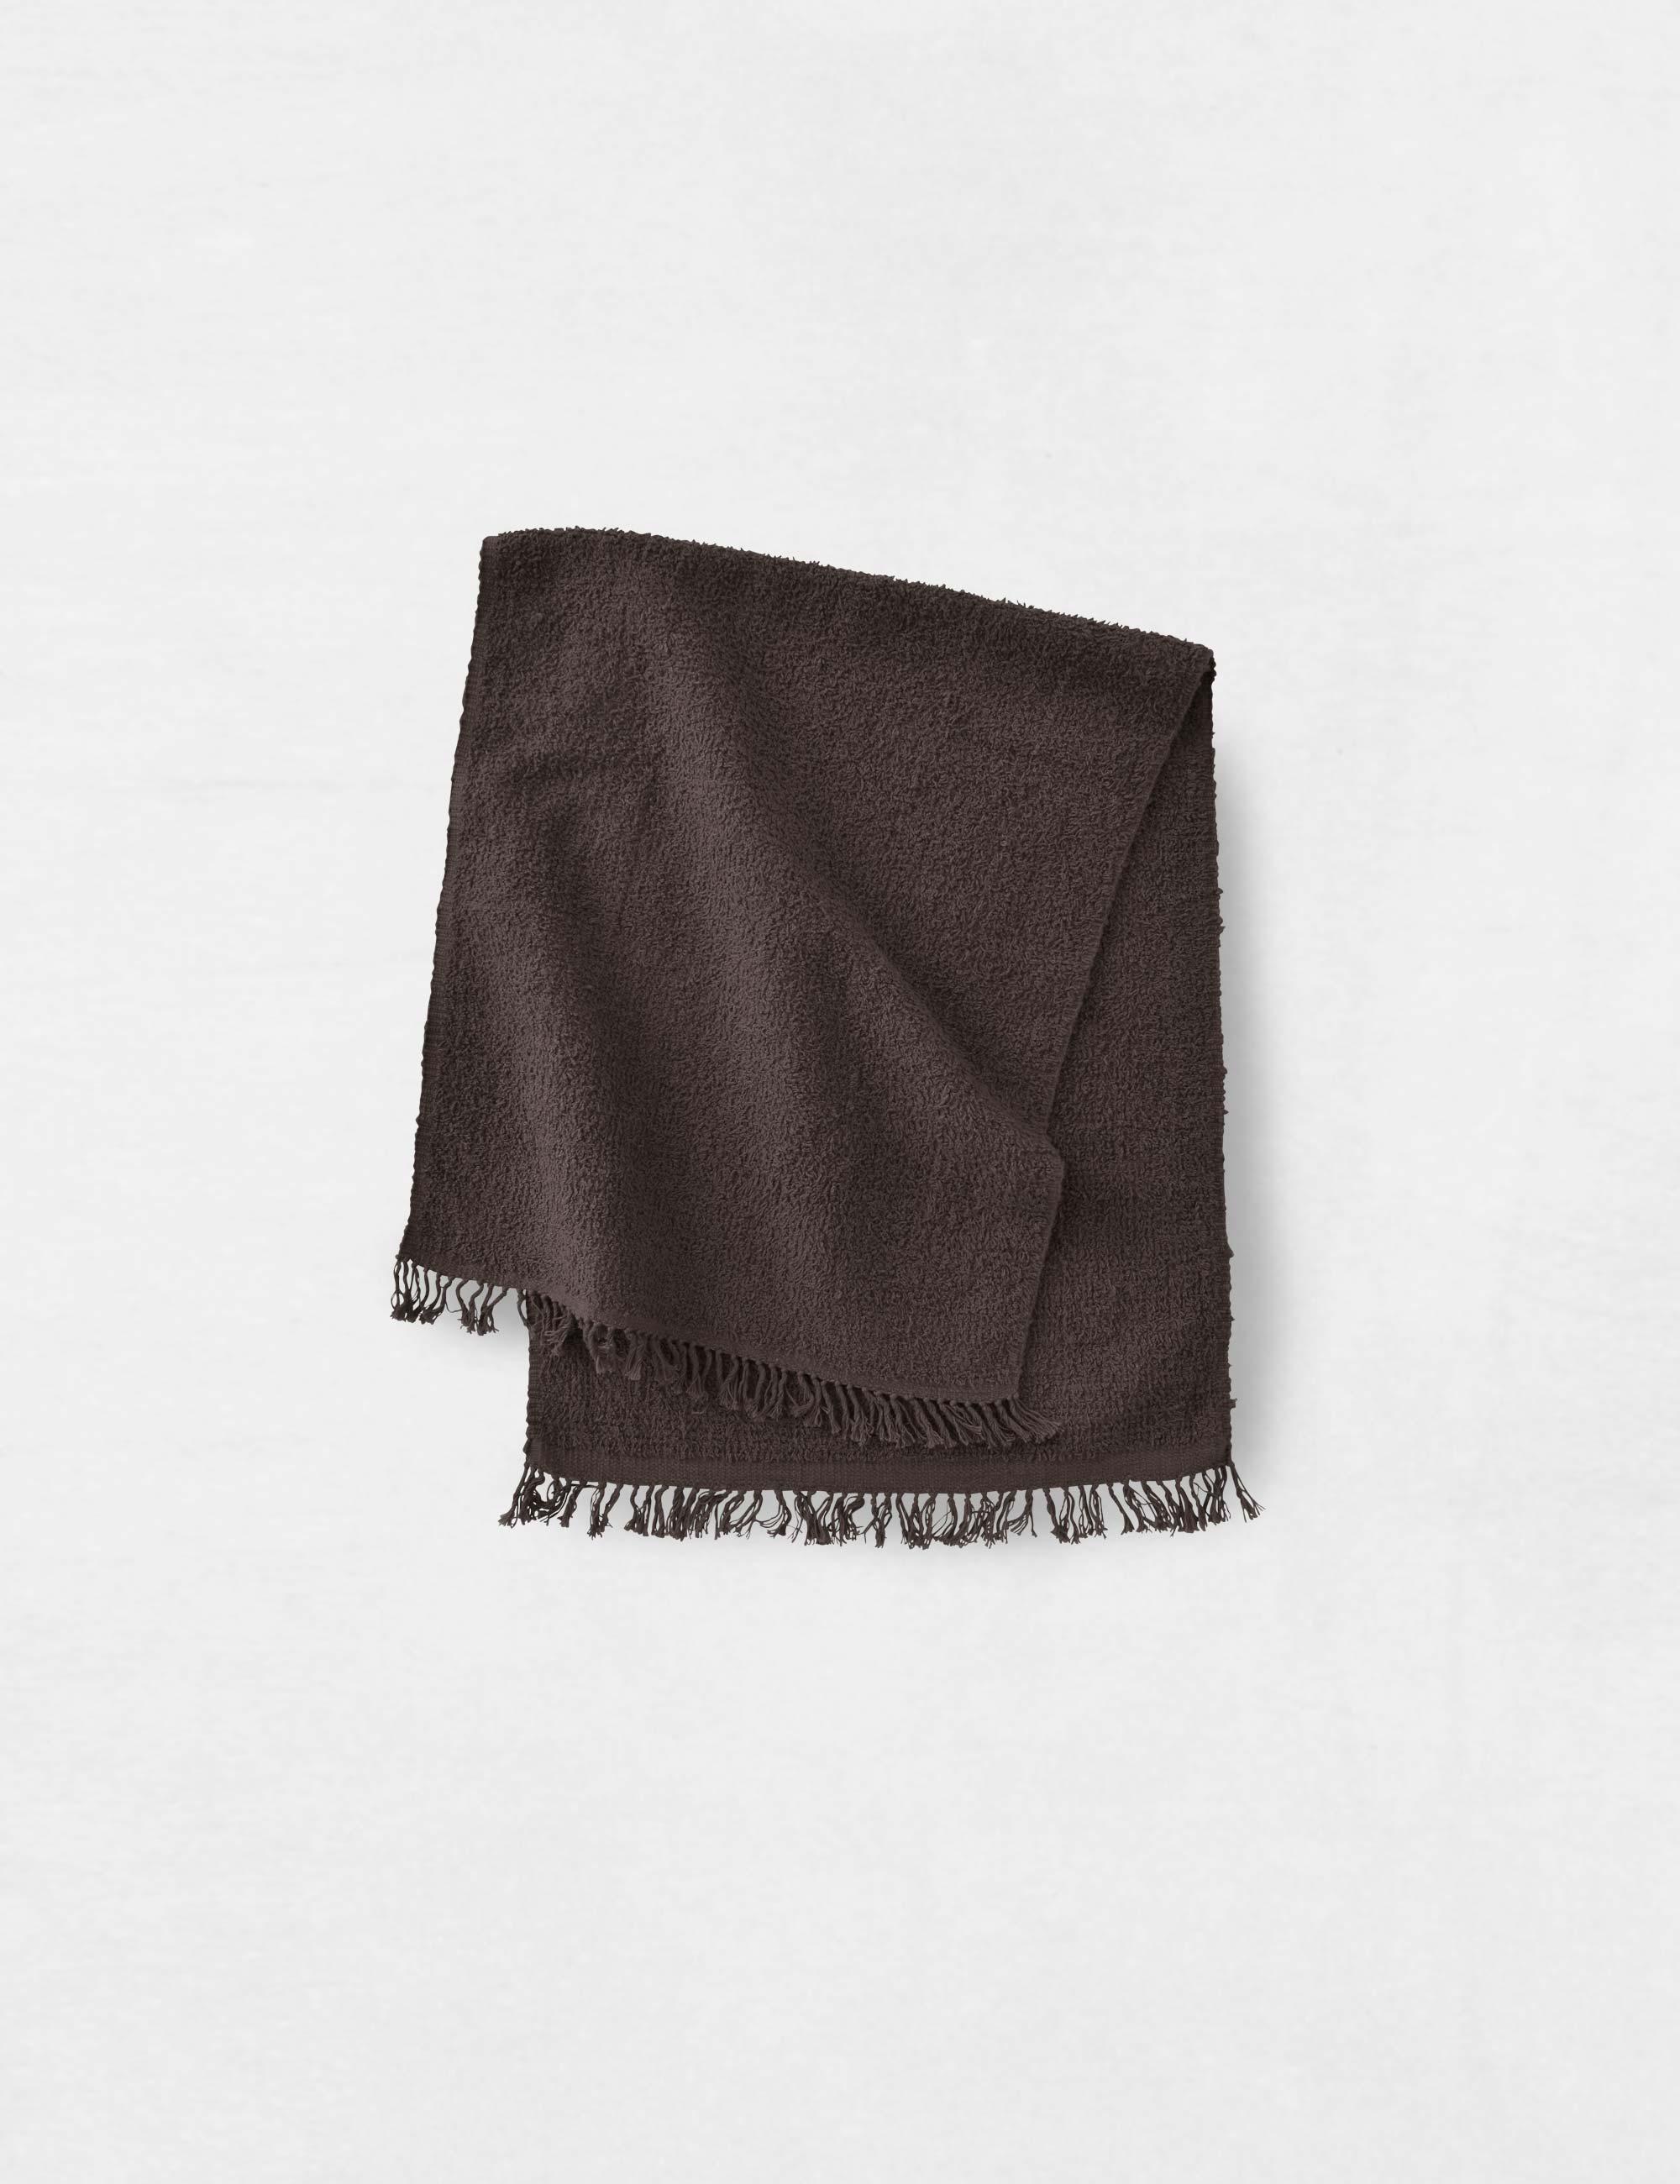 Jurgen Lehl Towel Pile -Brown